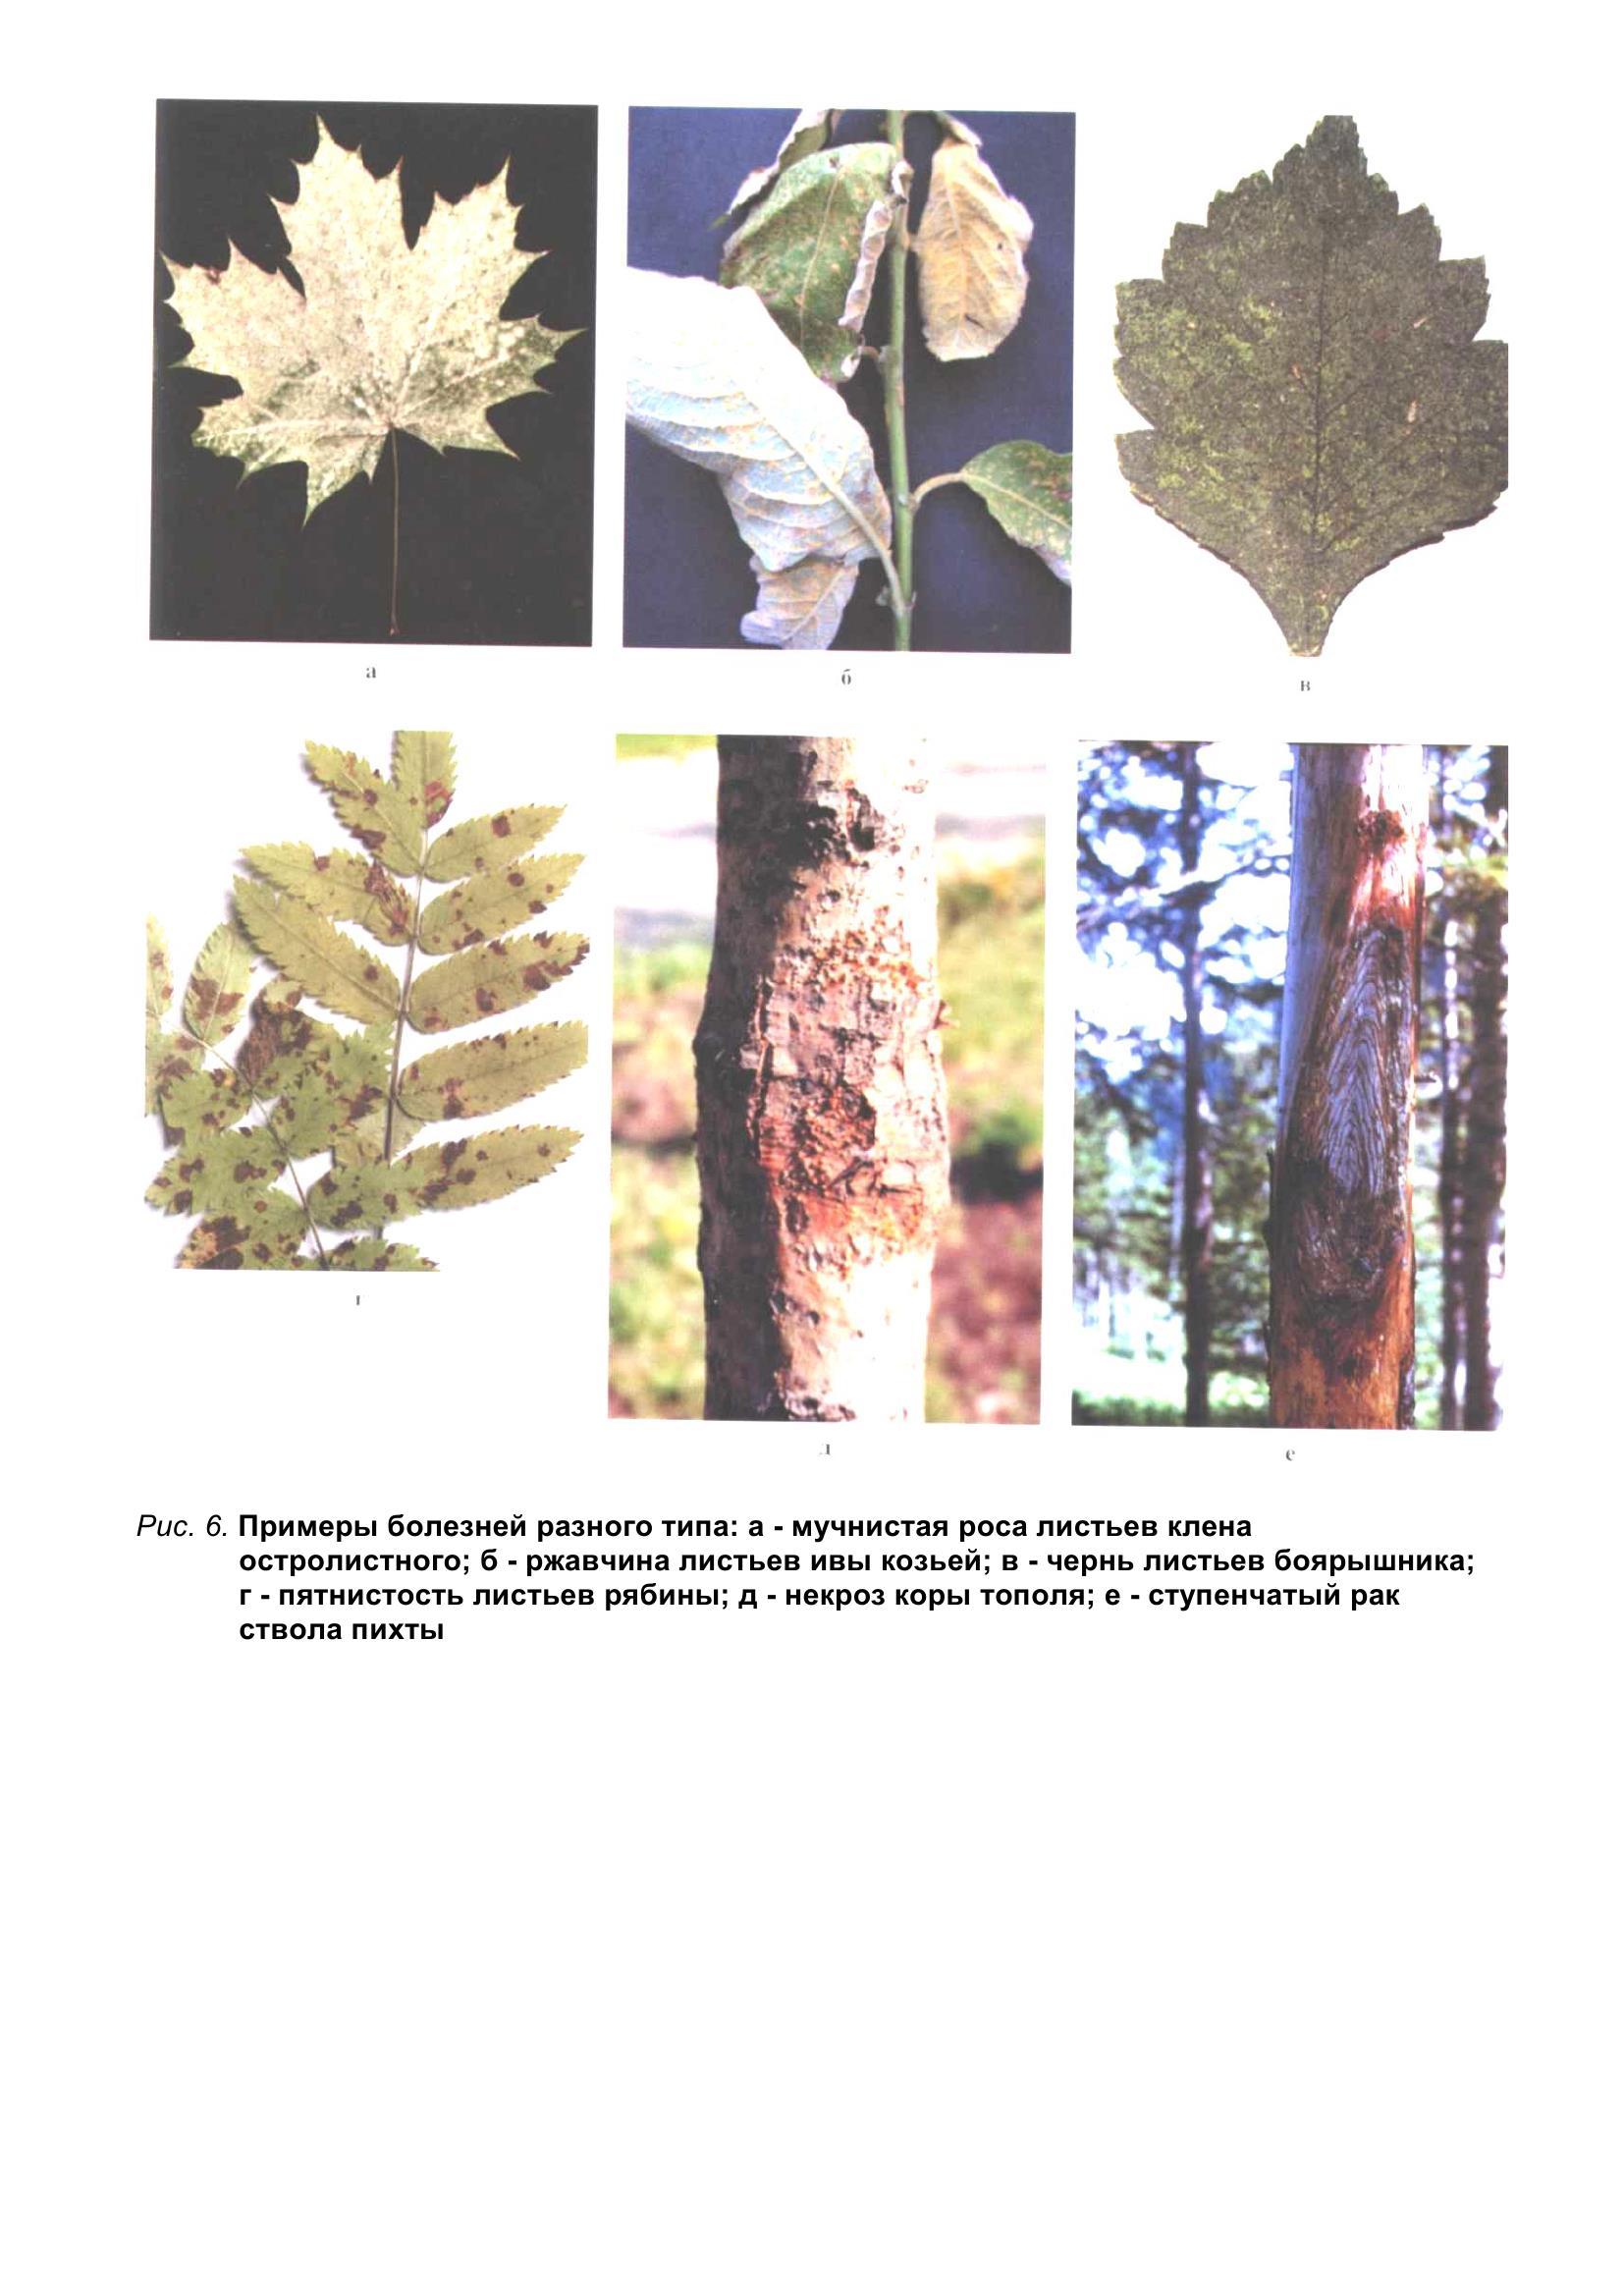 Болезни_древесных_растений_016.jpg